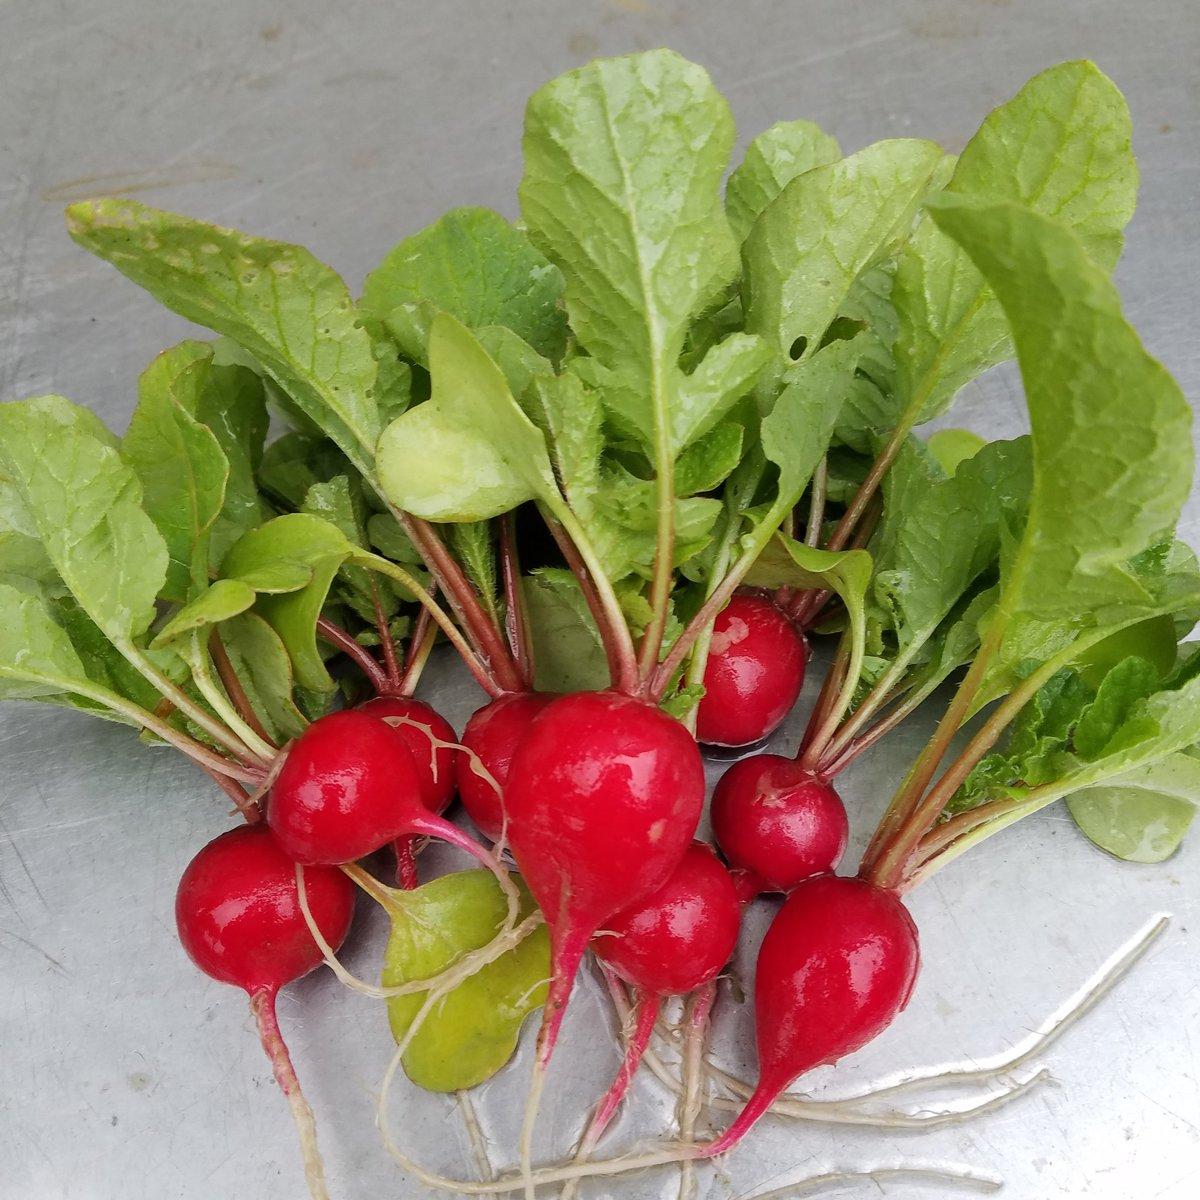 test ツイッターメディア - 土から出たラディッシュちゃんの赤い頭がかわいくてついつい早採りしてしまった〜😍  さっそく晩飯のサラダにして食べました。 うまい、自分で育てたとなると尚更旨し(笑)  農業、化学肥料は使っていません😀 近いうちに道の駅弥生で販売しよう🎶 https://t.co/vvmOhIxLZ6